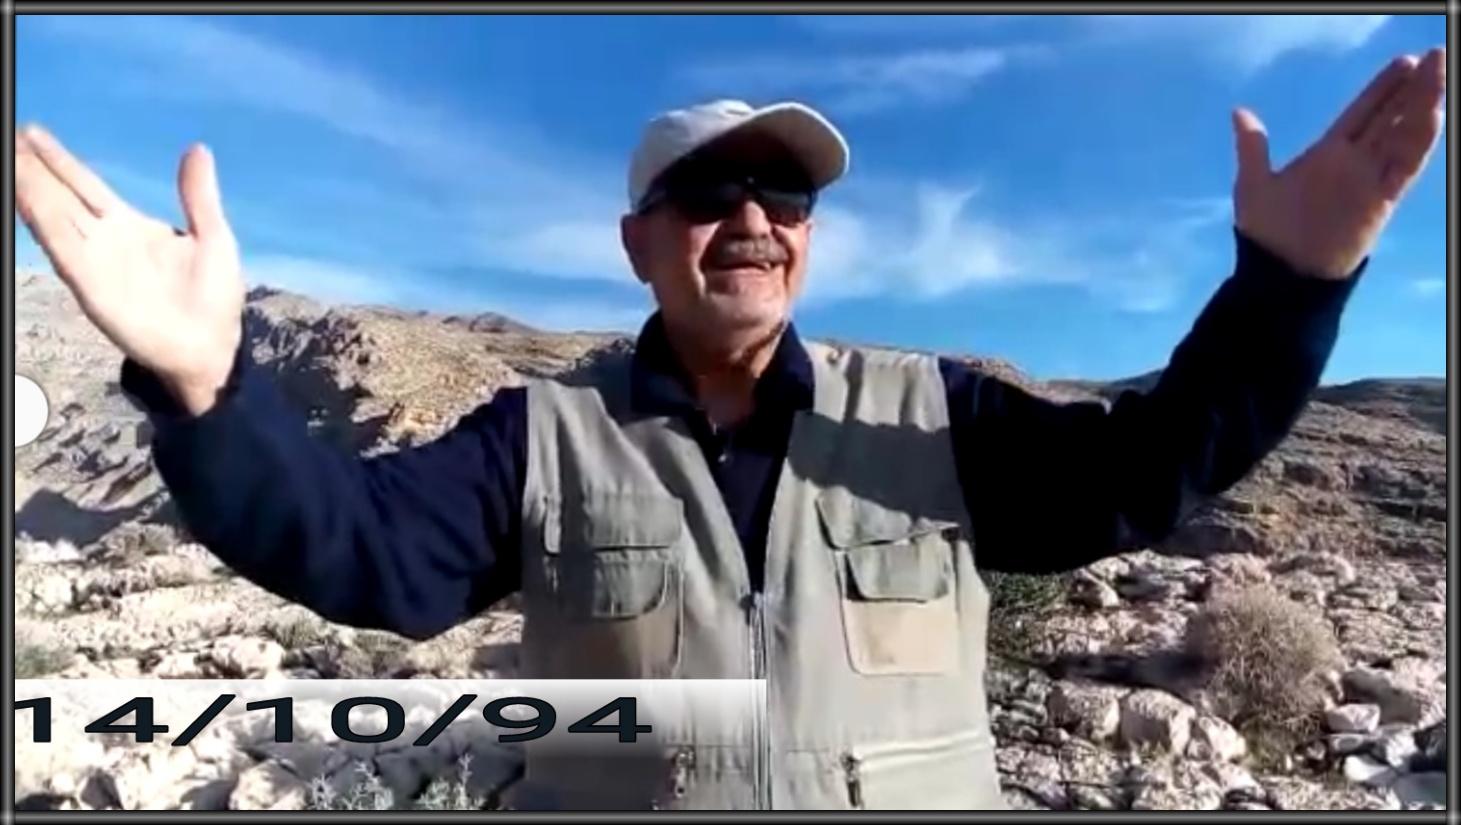 علت فوت کوهنورد دارابی تشریح شد